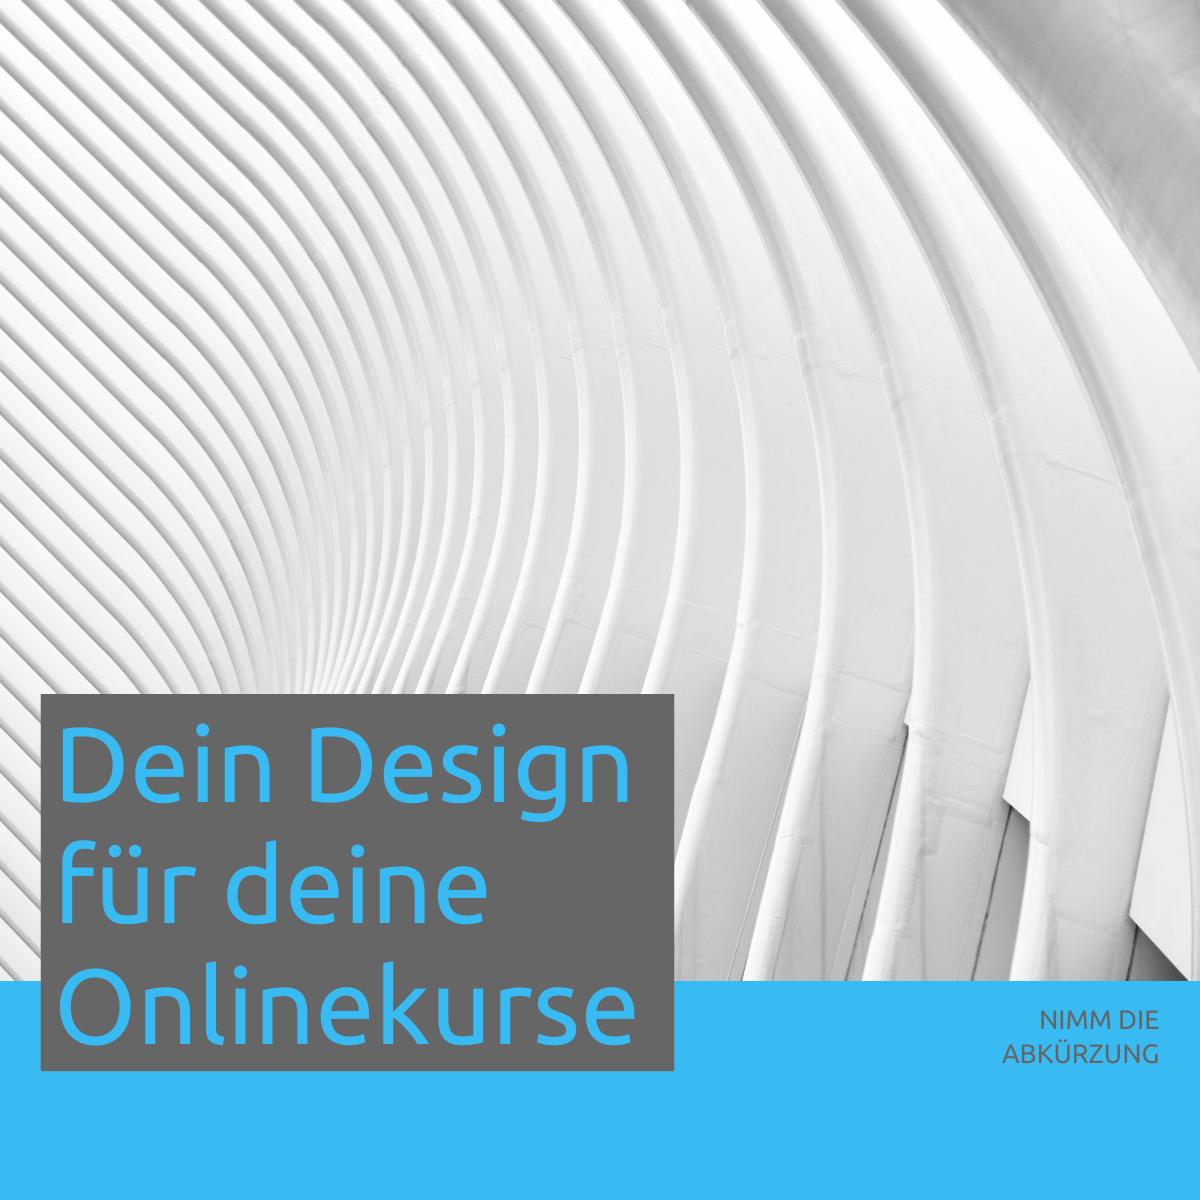 Dein Design für deinen Onlinekurse